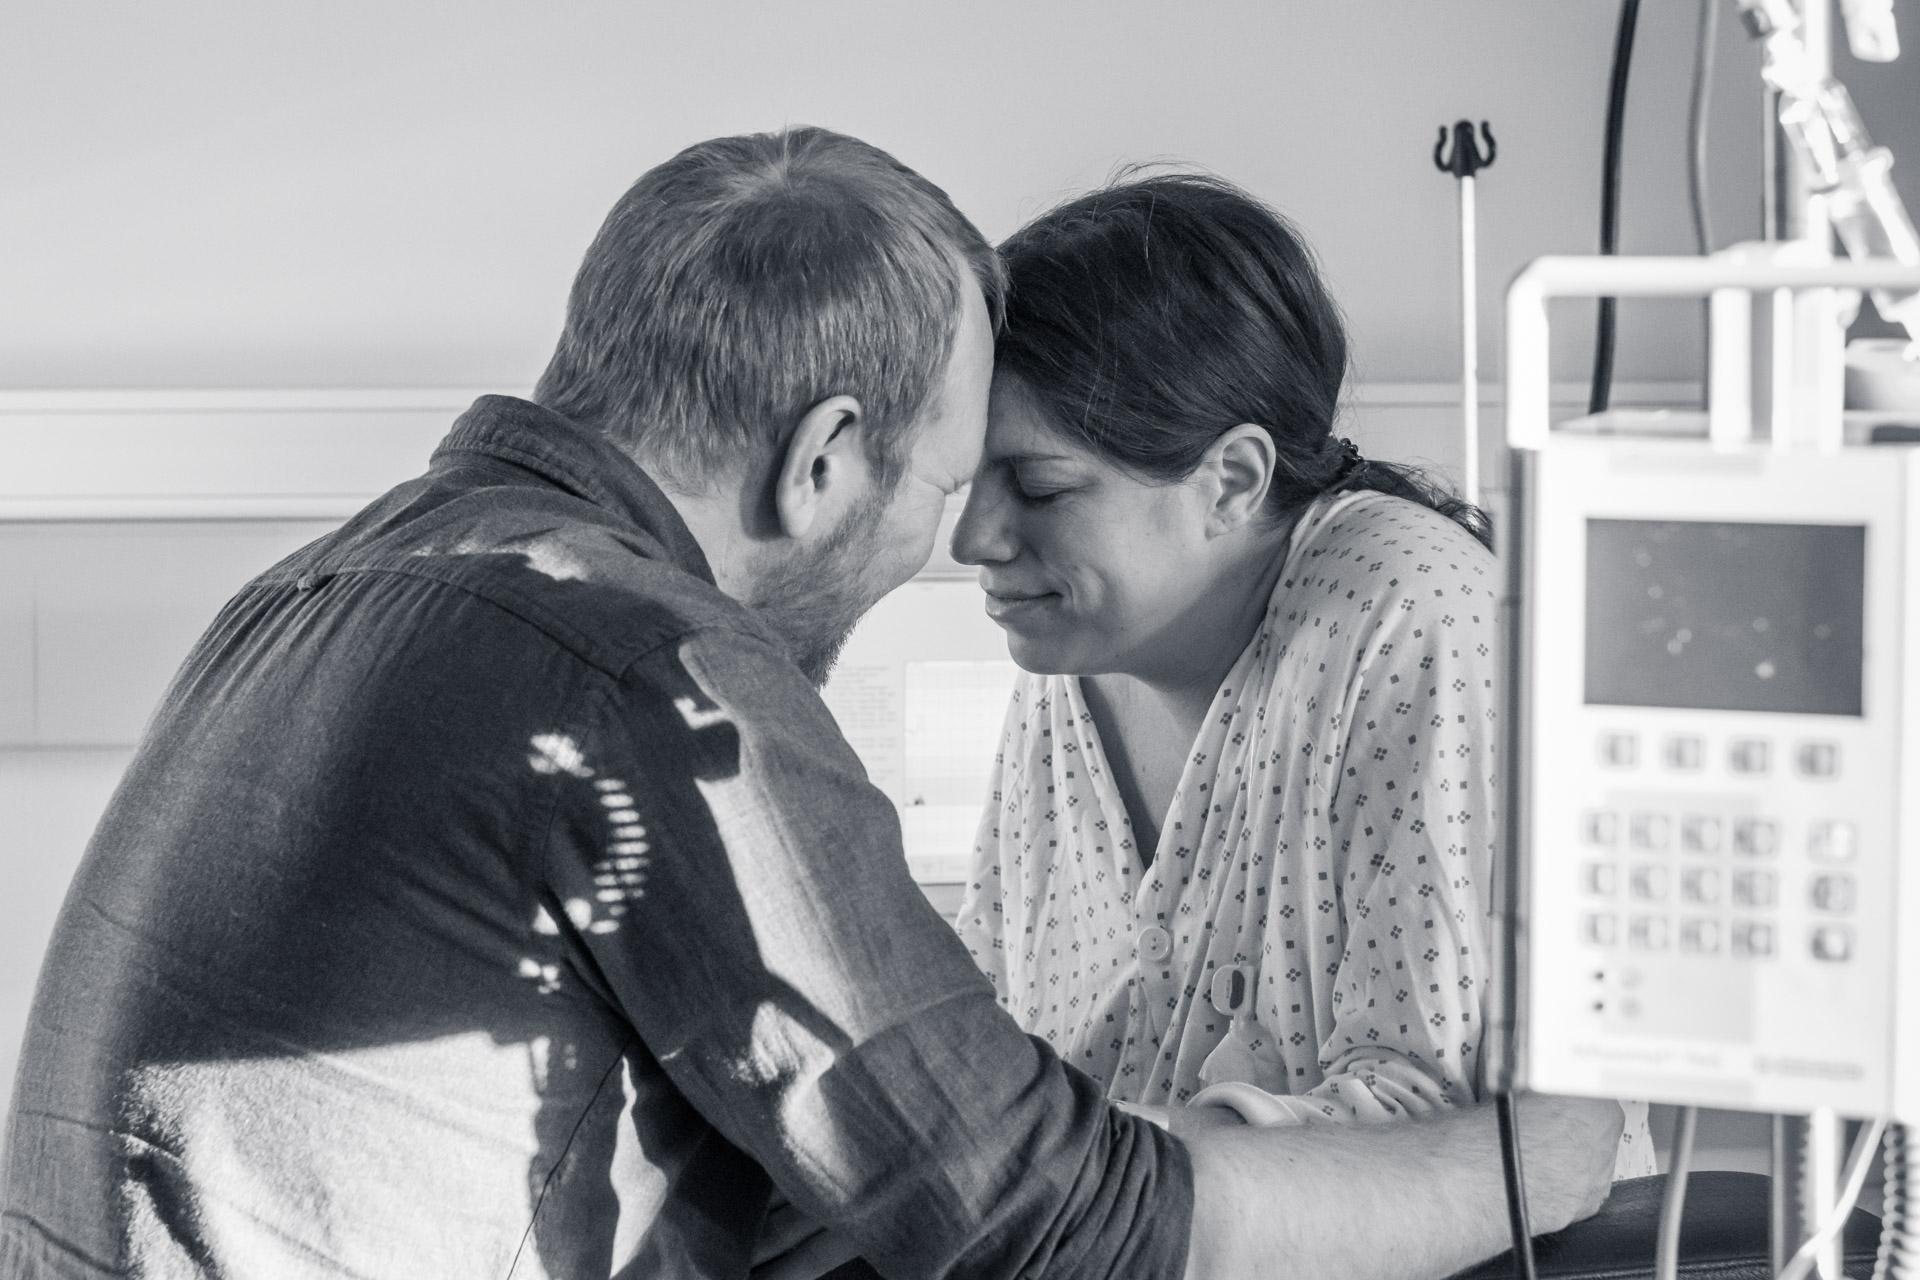 Mann støtter sin fødende kone under fødselen